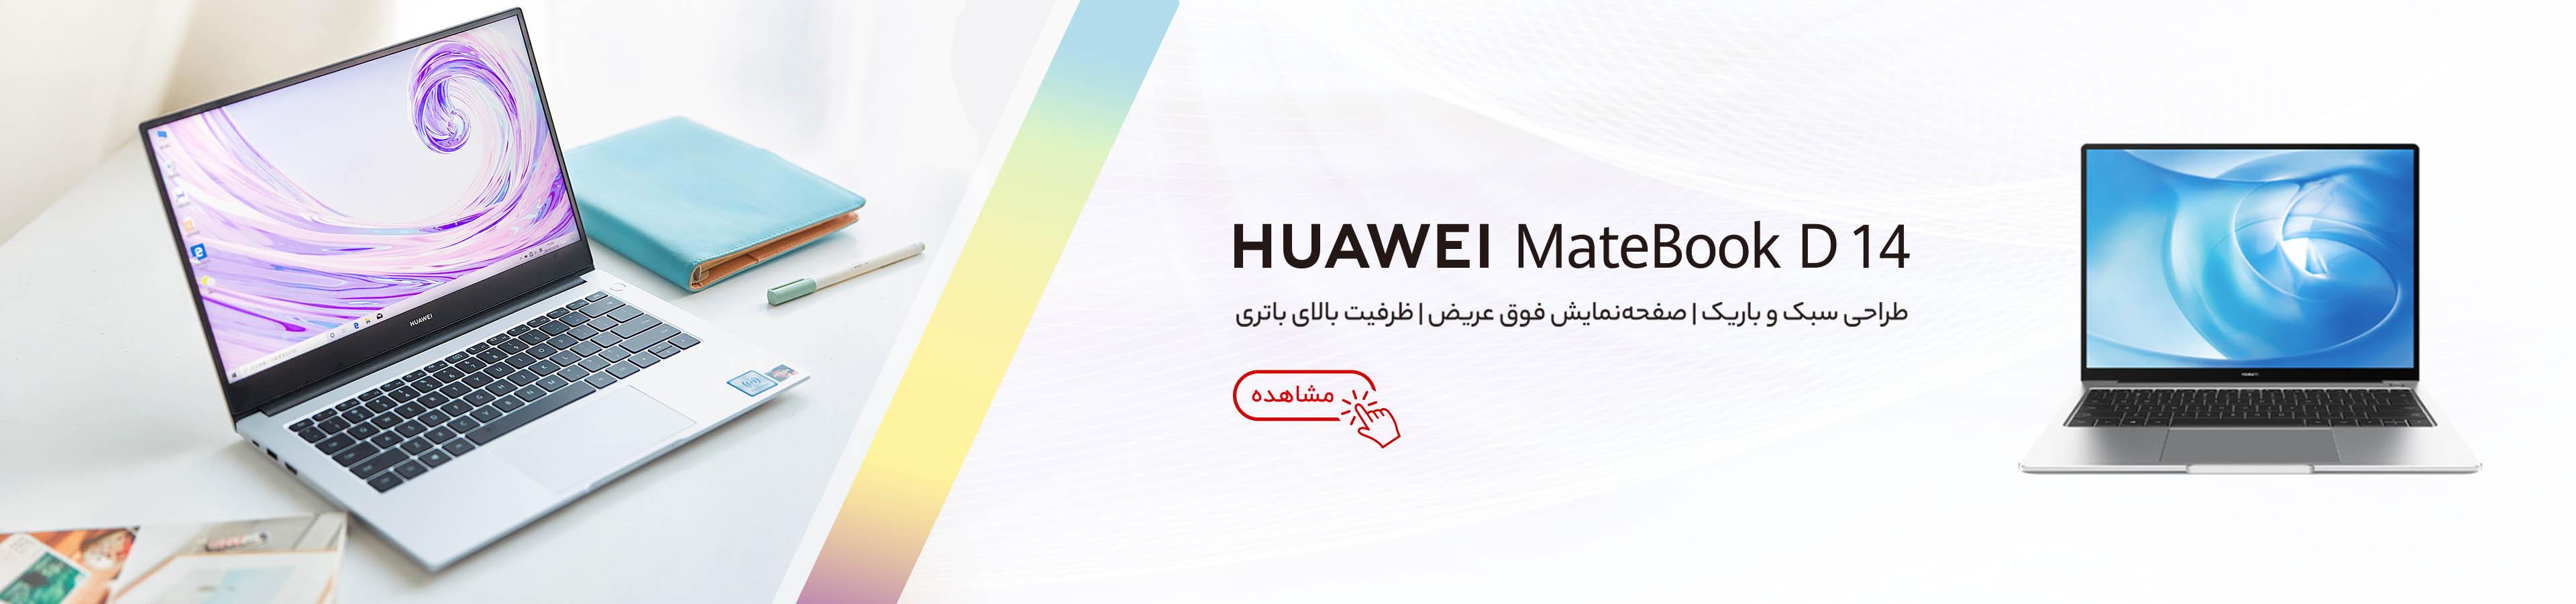 d14 huawei